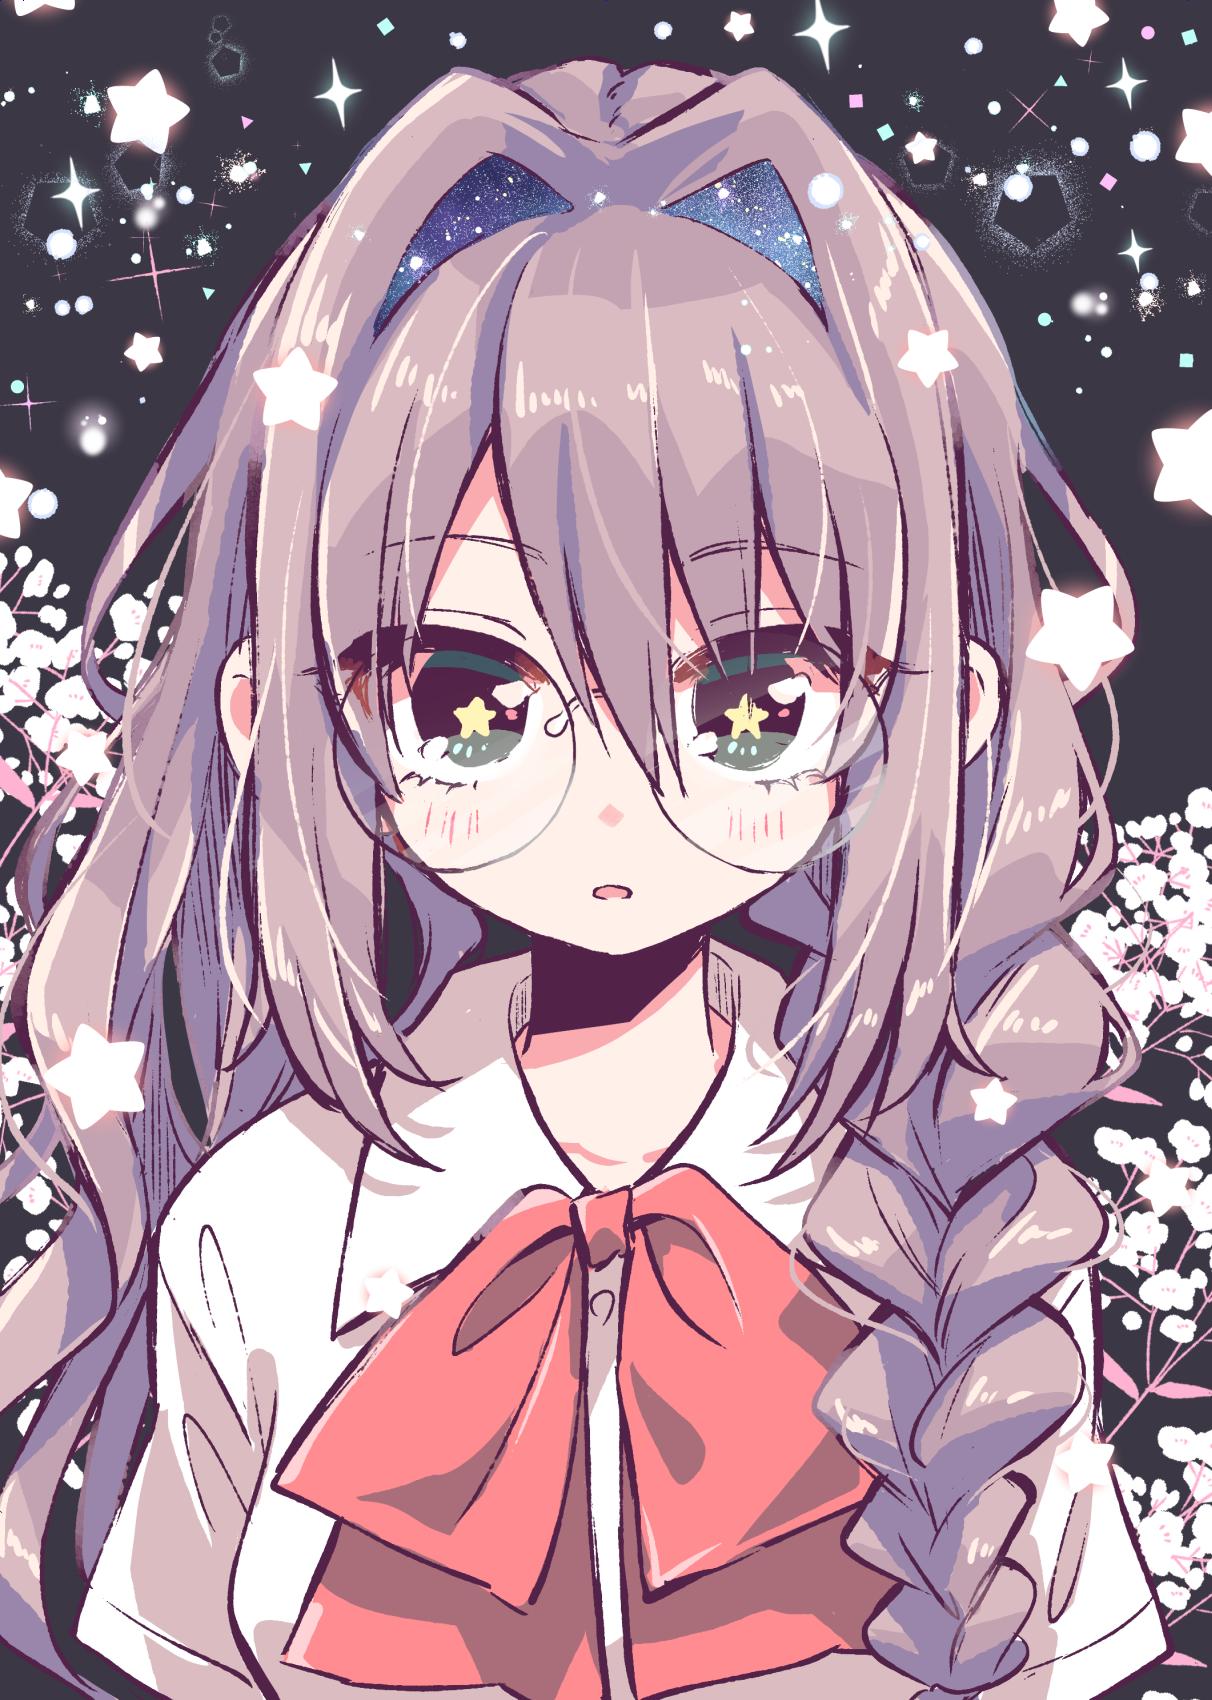 Anime 1212x1700 Anime Anime Girls Glasses Long Hair Anime Drawings Kawaii Art Anime Chibi